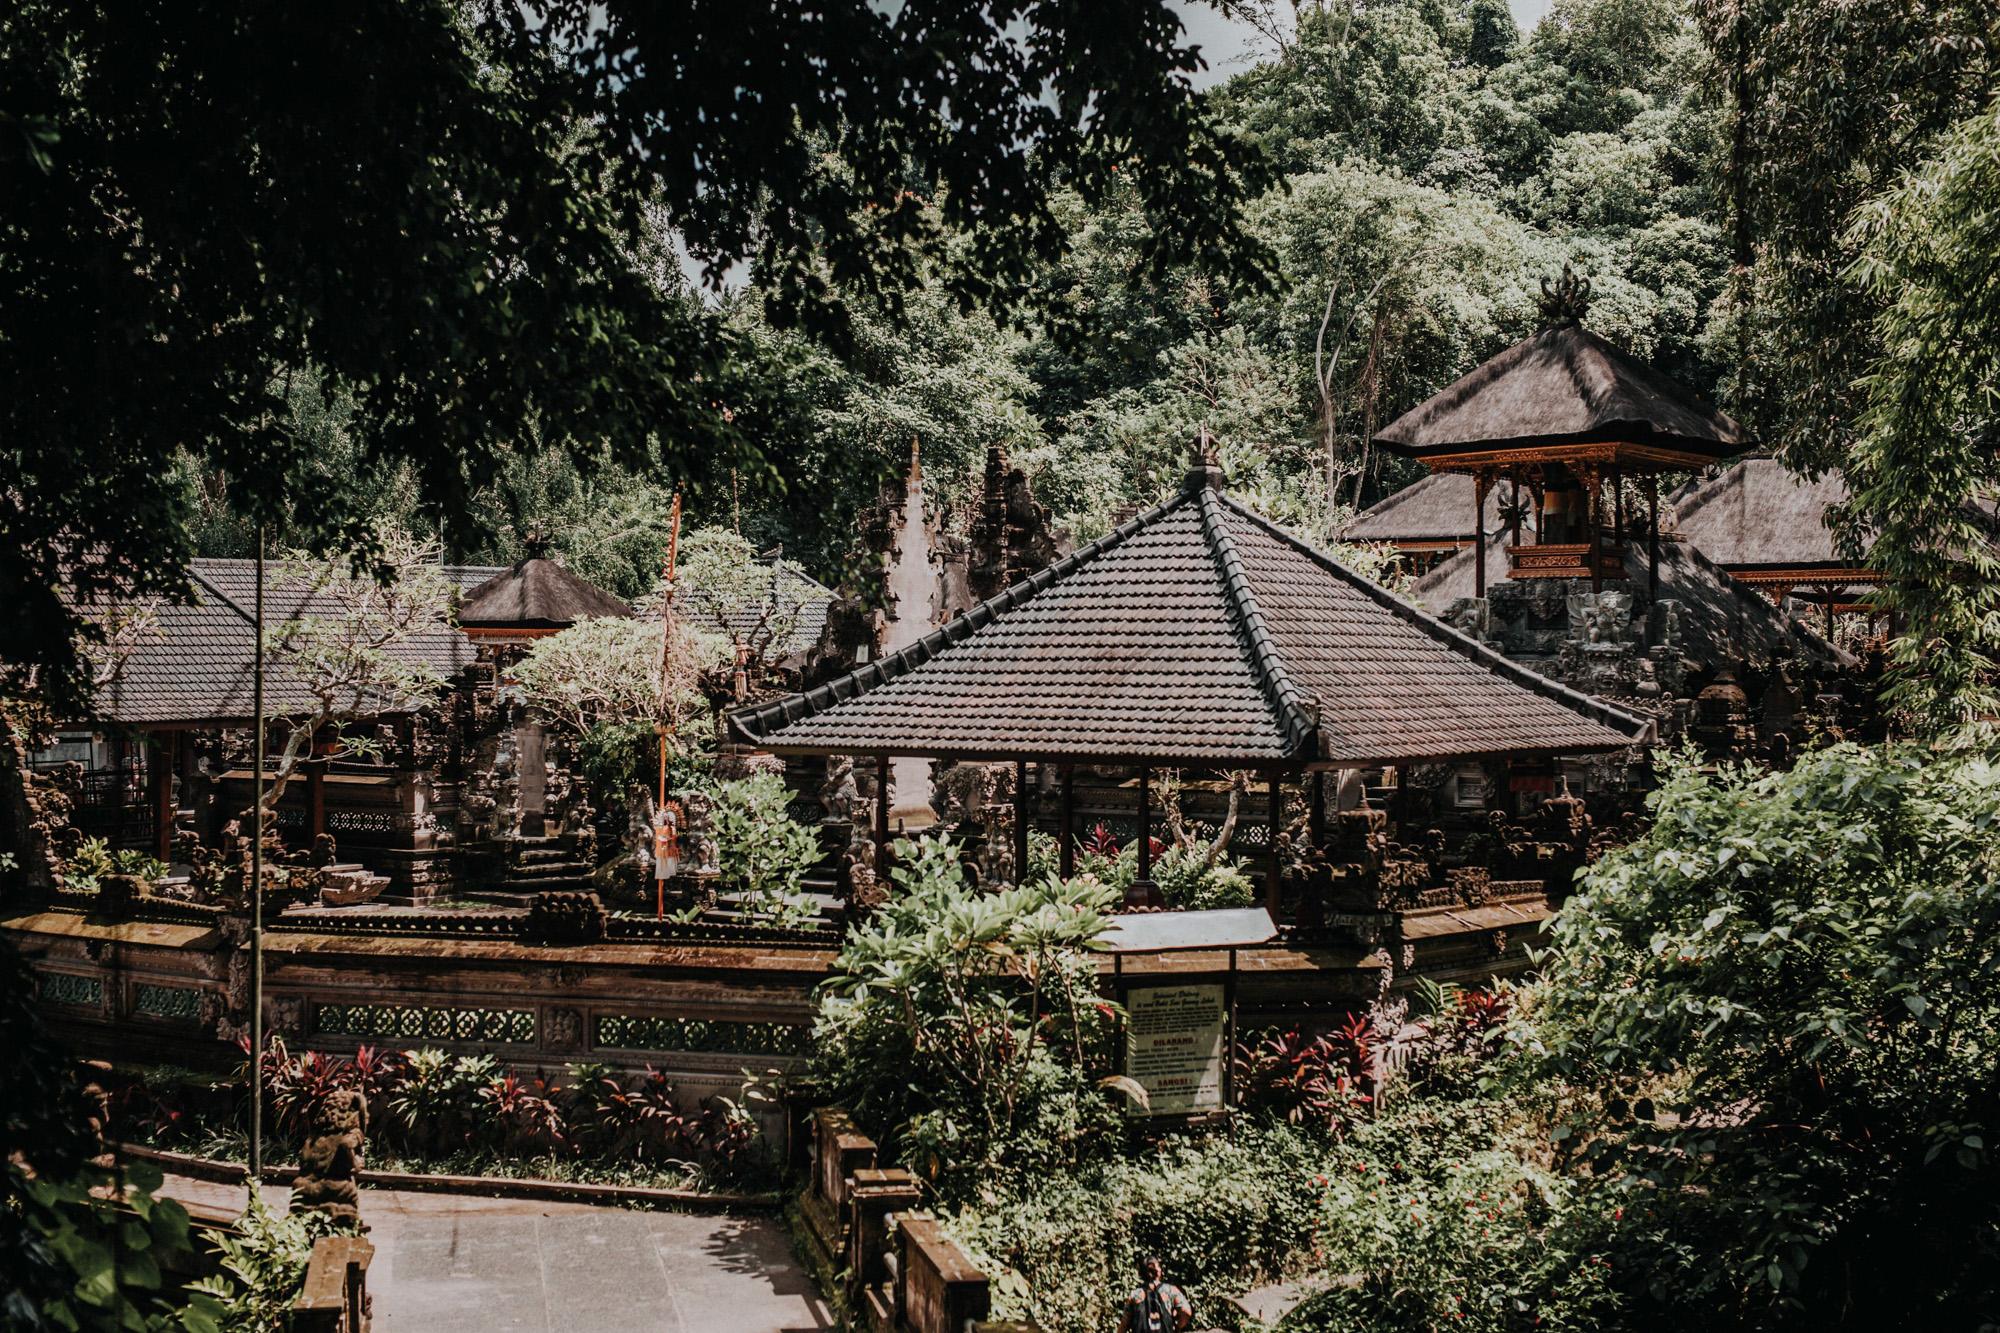 Fernweh_Bali (5).JPG